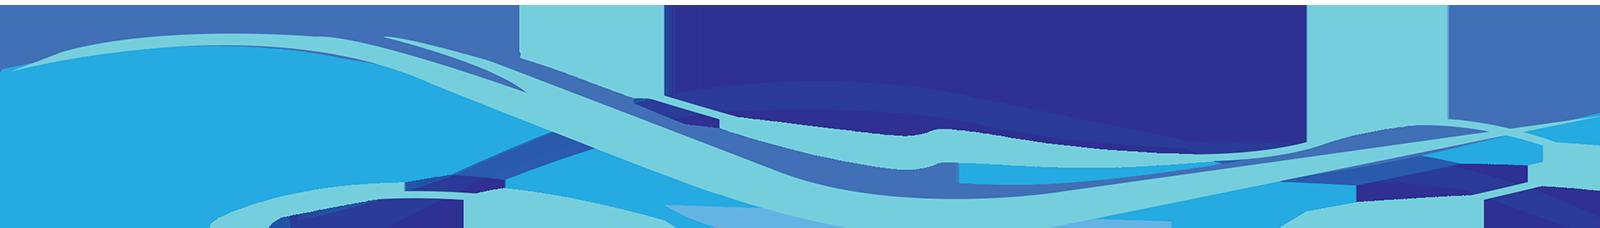 Decorative Line Blue PNG - 1106